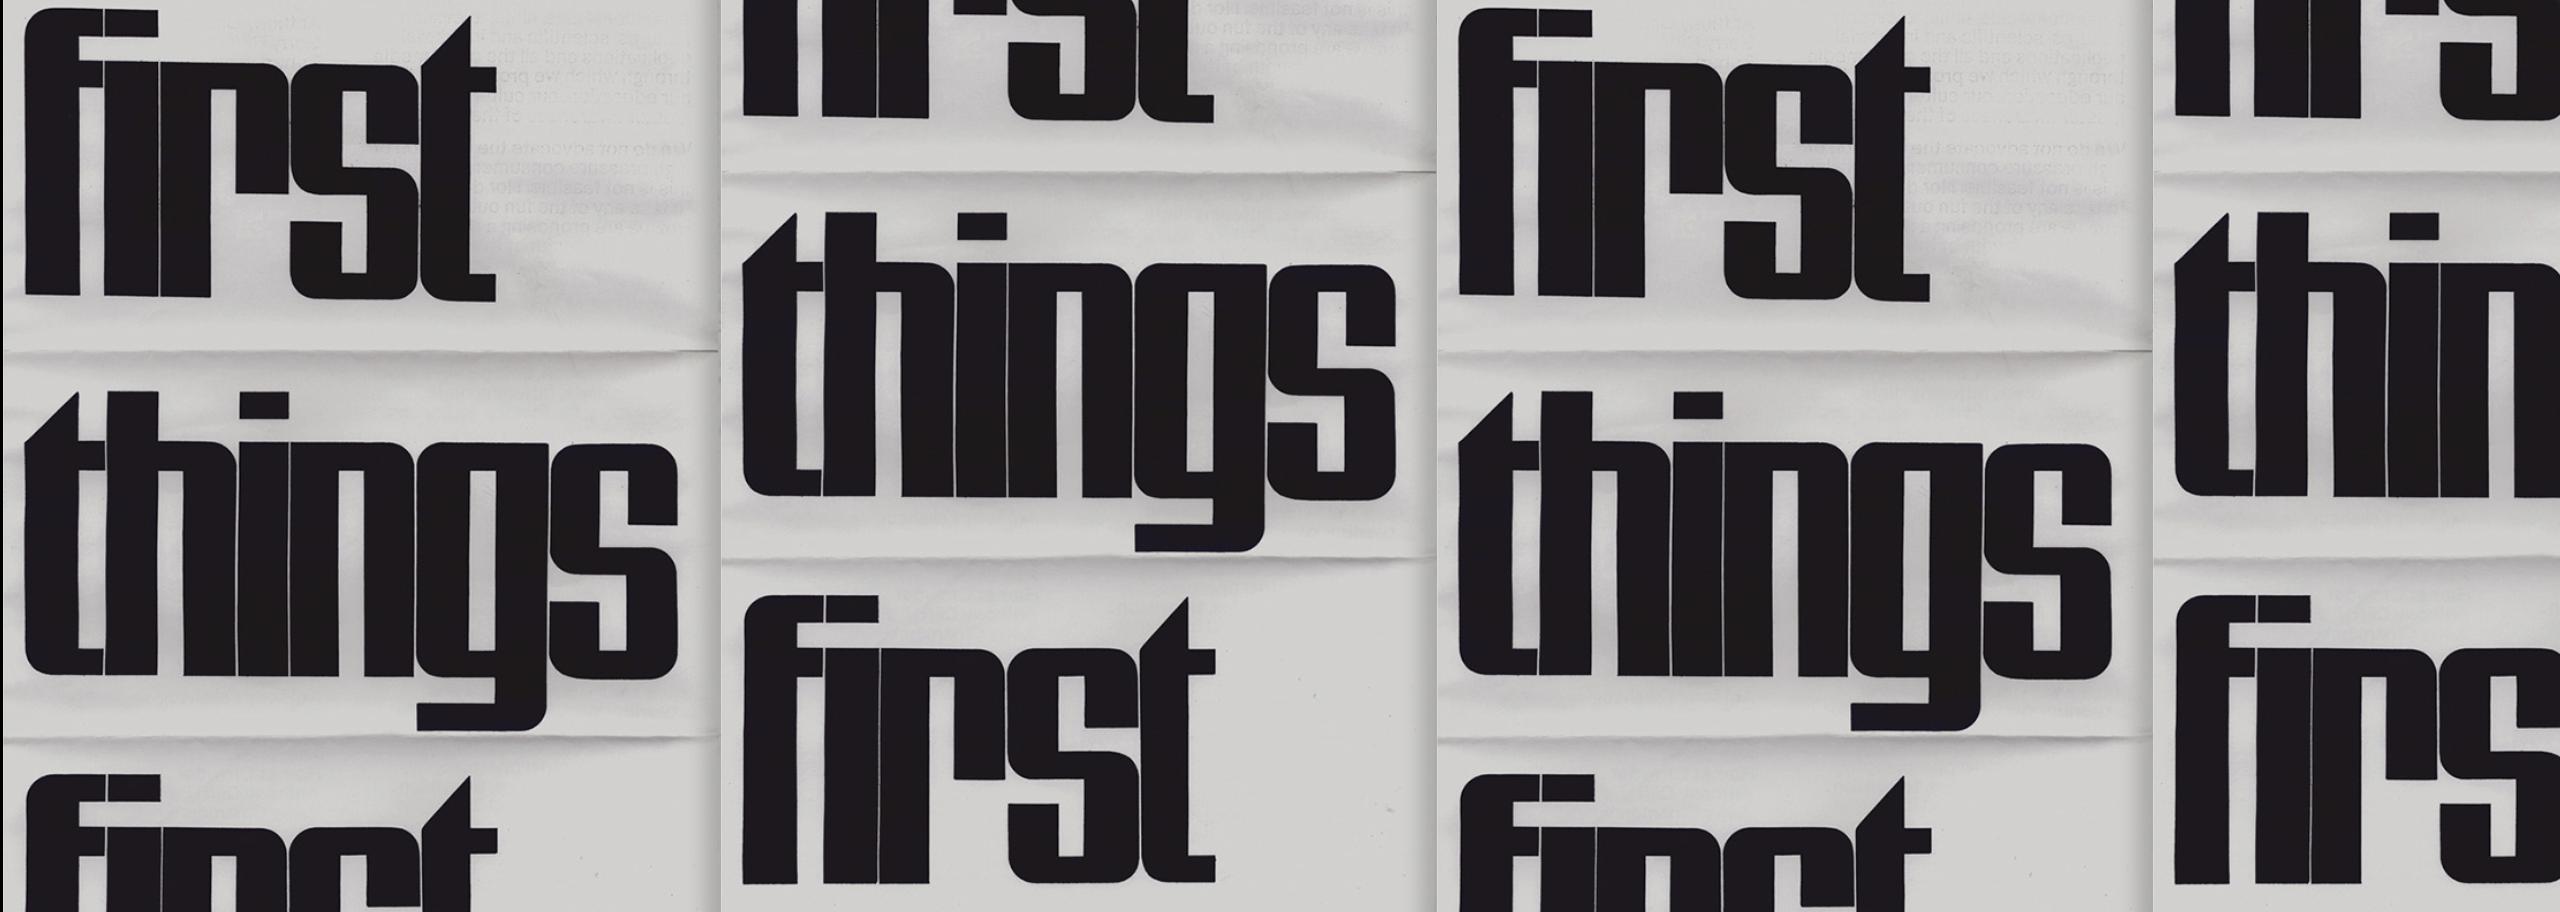 Ken Garland - first things first manifesto